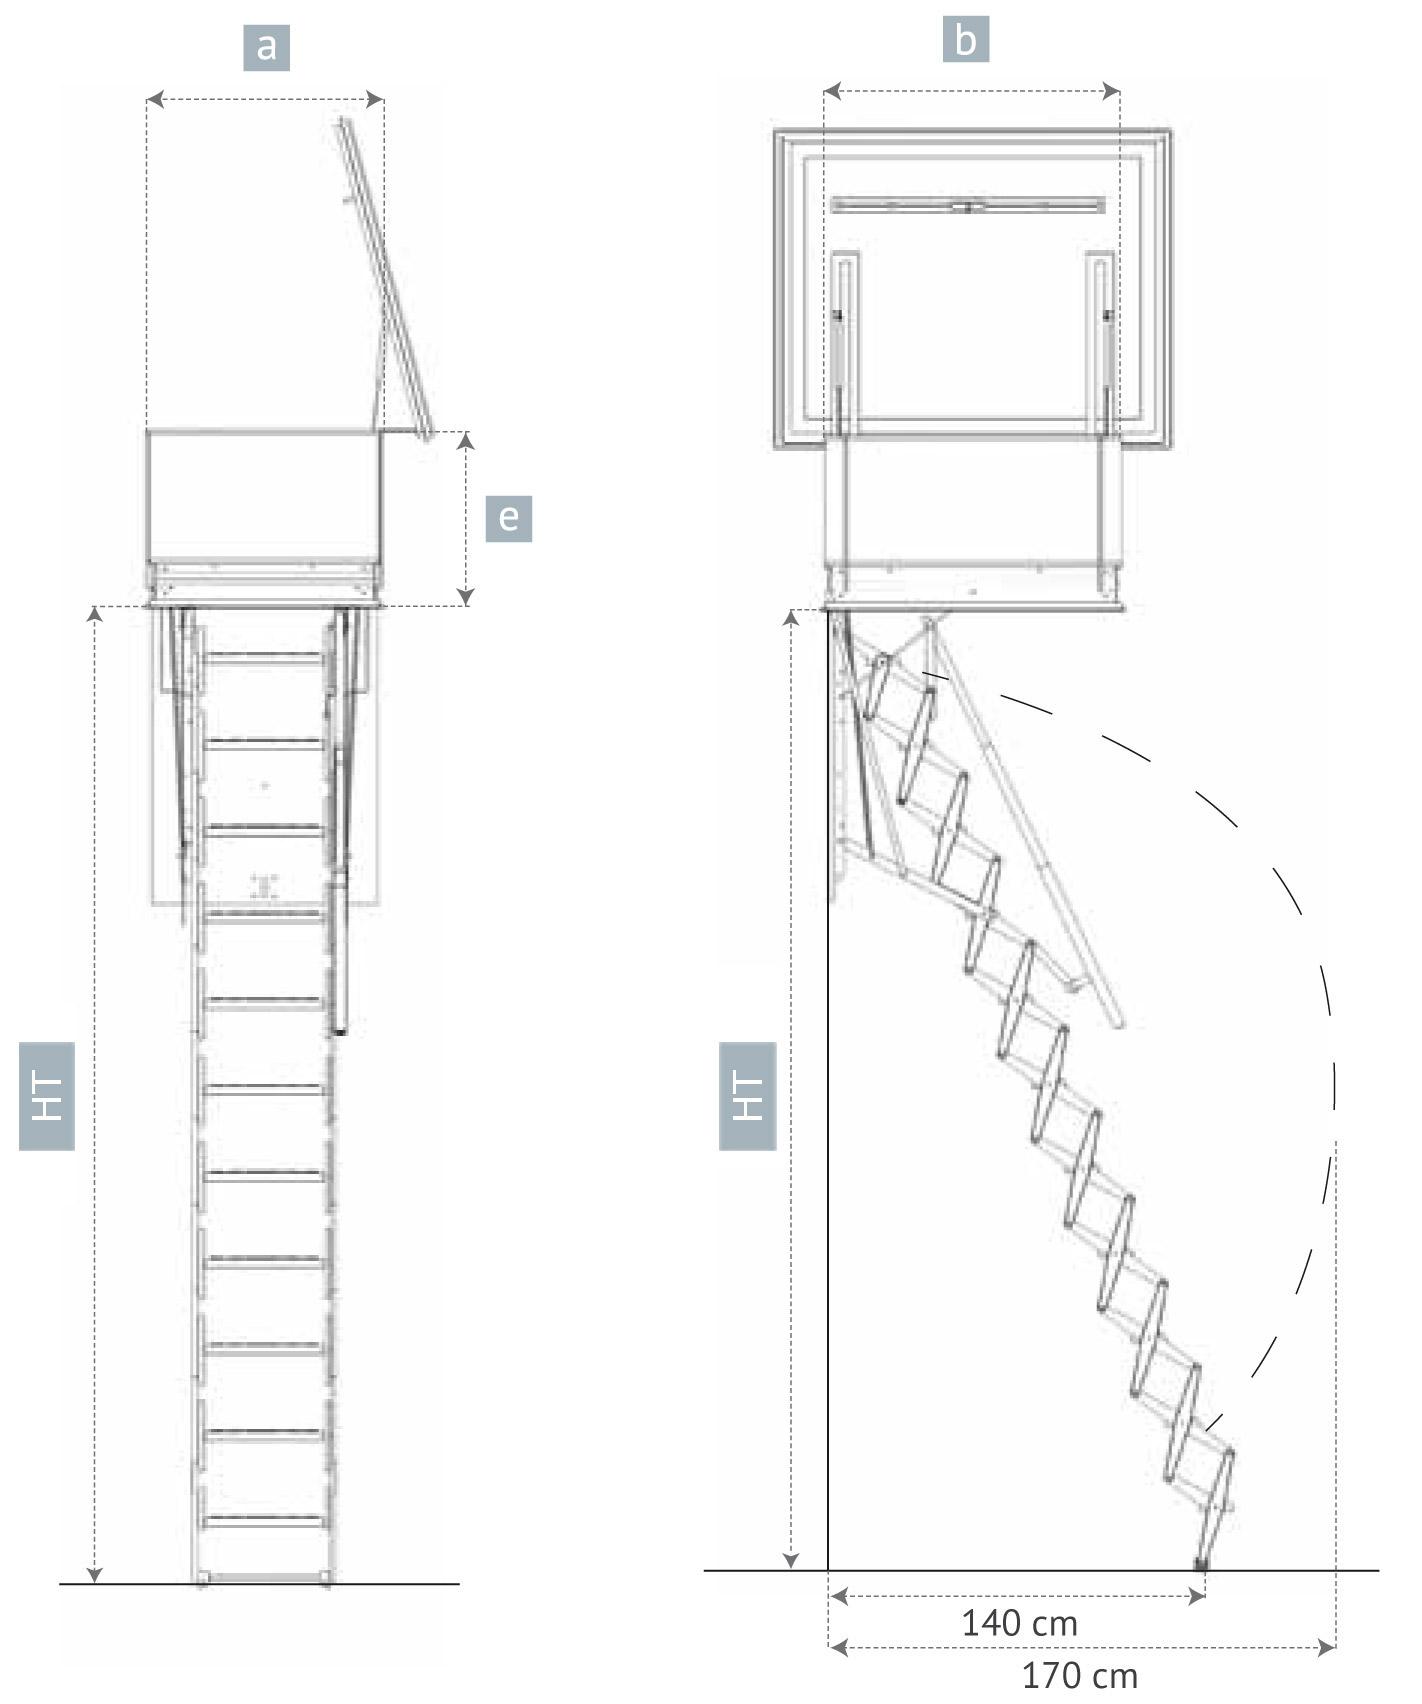 Escalera Escamoteable Para Terraza Escalera Tipo Tijera Para Techo ~ Dimensiones Escalera De Caracol